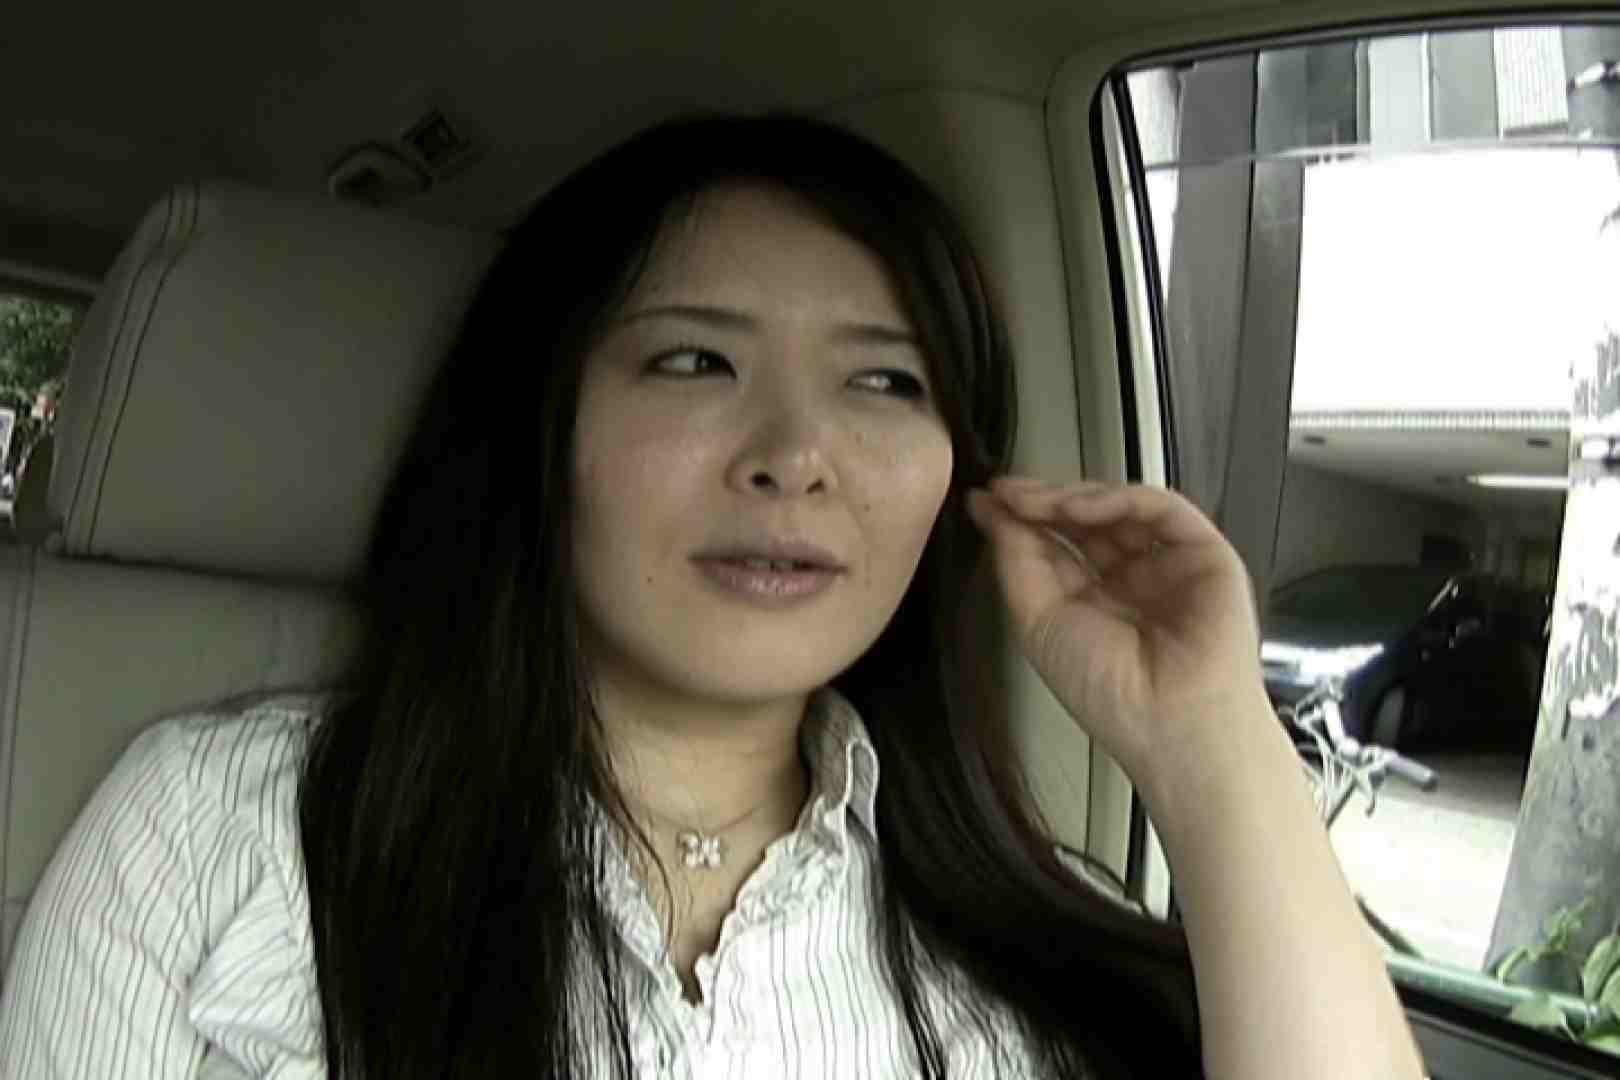 素人ナンパ本番撮り!出会い系でGET!Vol.12 入浴 オマンコ無修正動画無料 65pic 23